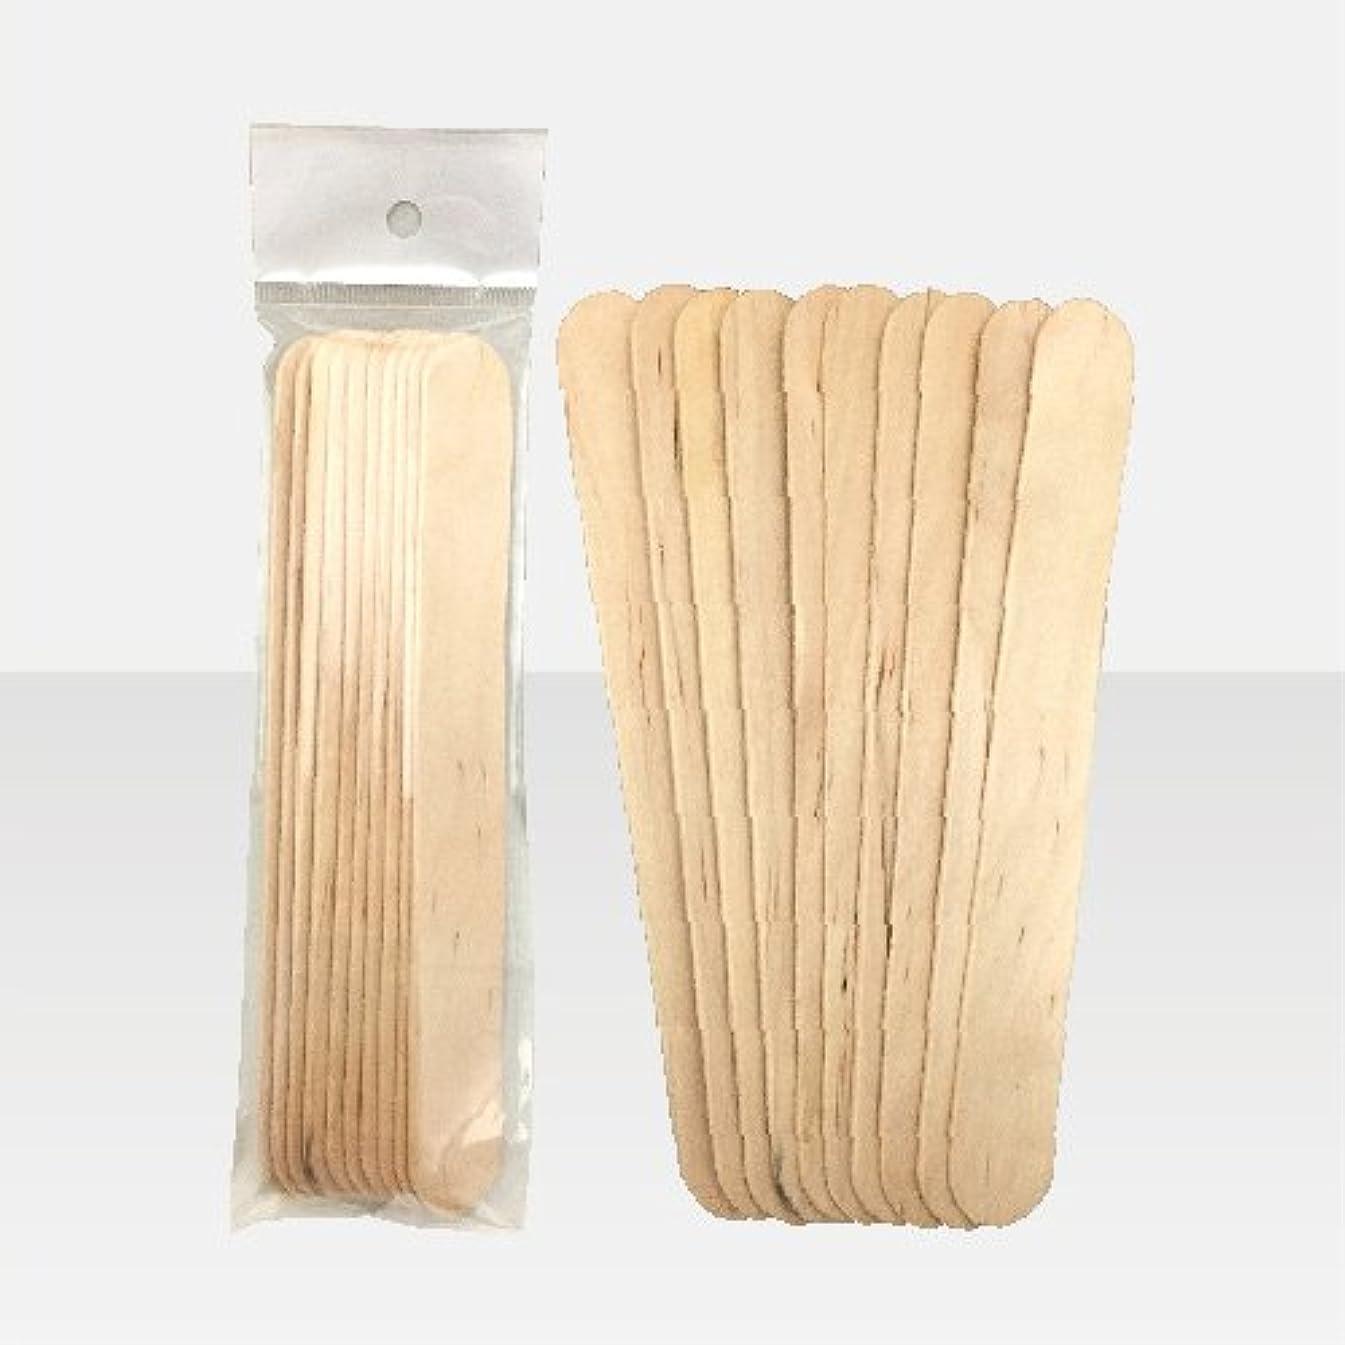 構想するスキップ時間ブラジリアンワックス 脱毛ワックス用  ワックススパチュラ 木ベラ /10本セット Mサイズ